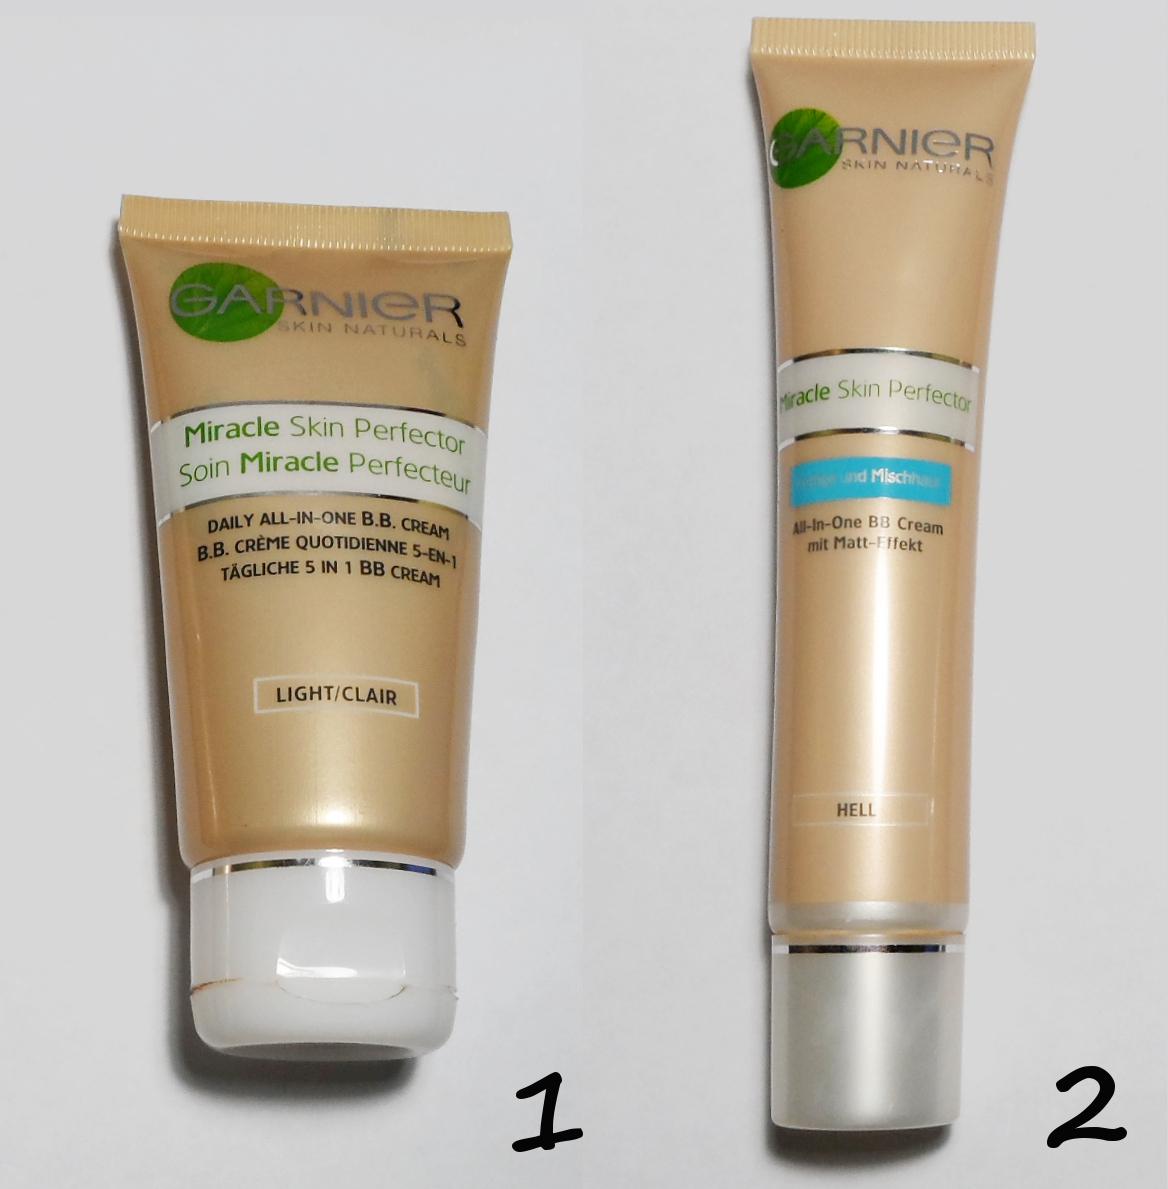 B.B Cream by Garnier / Which one is better? Comparison.